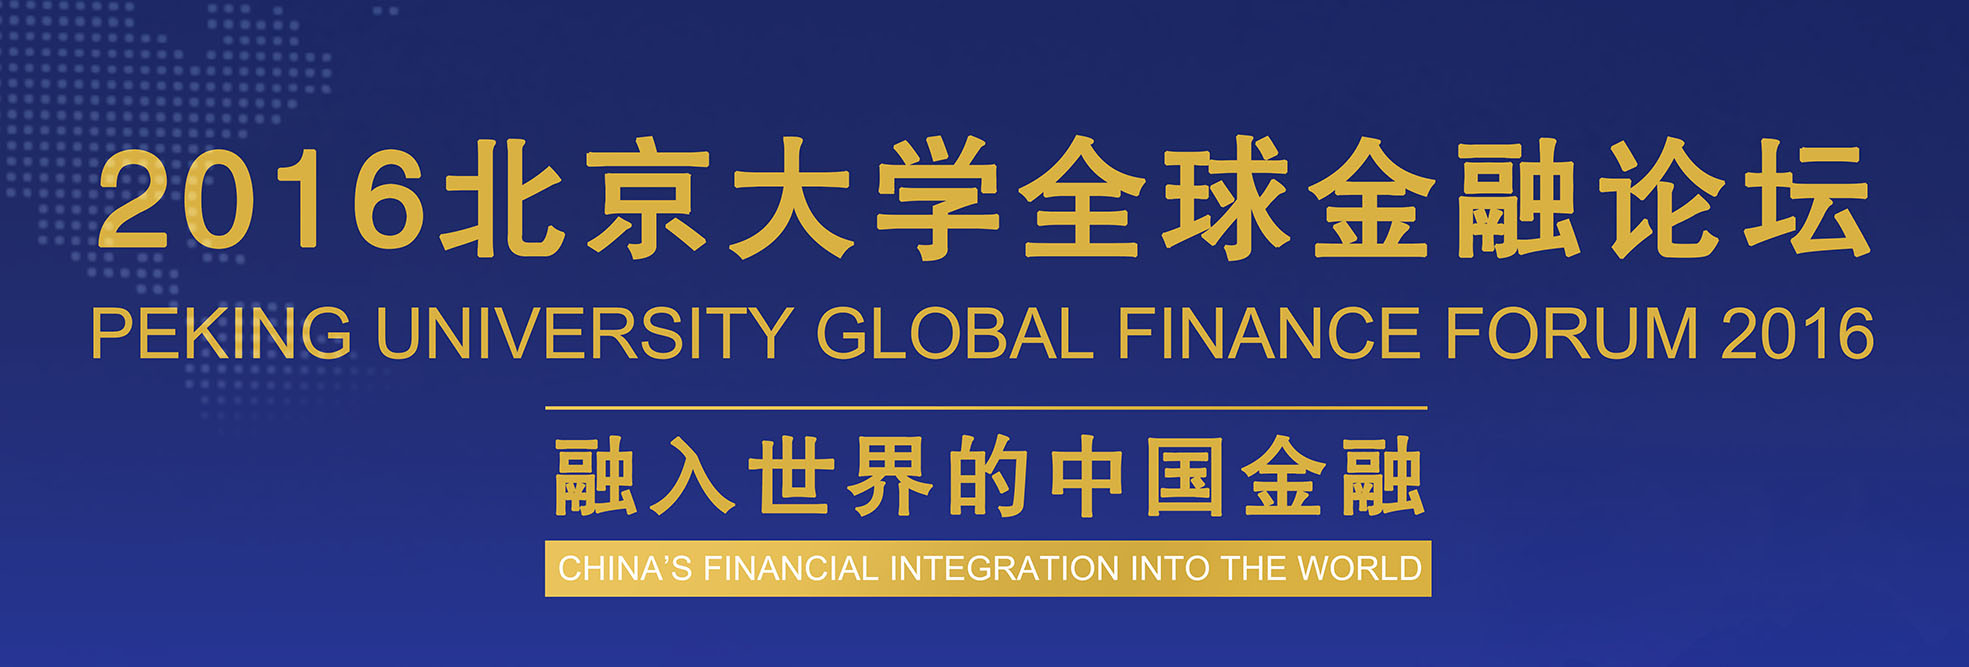 2016年北京大学全球金融论坛专题